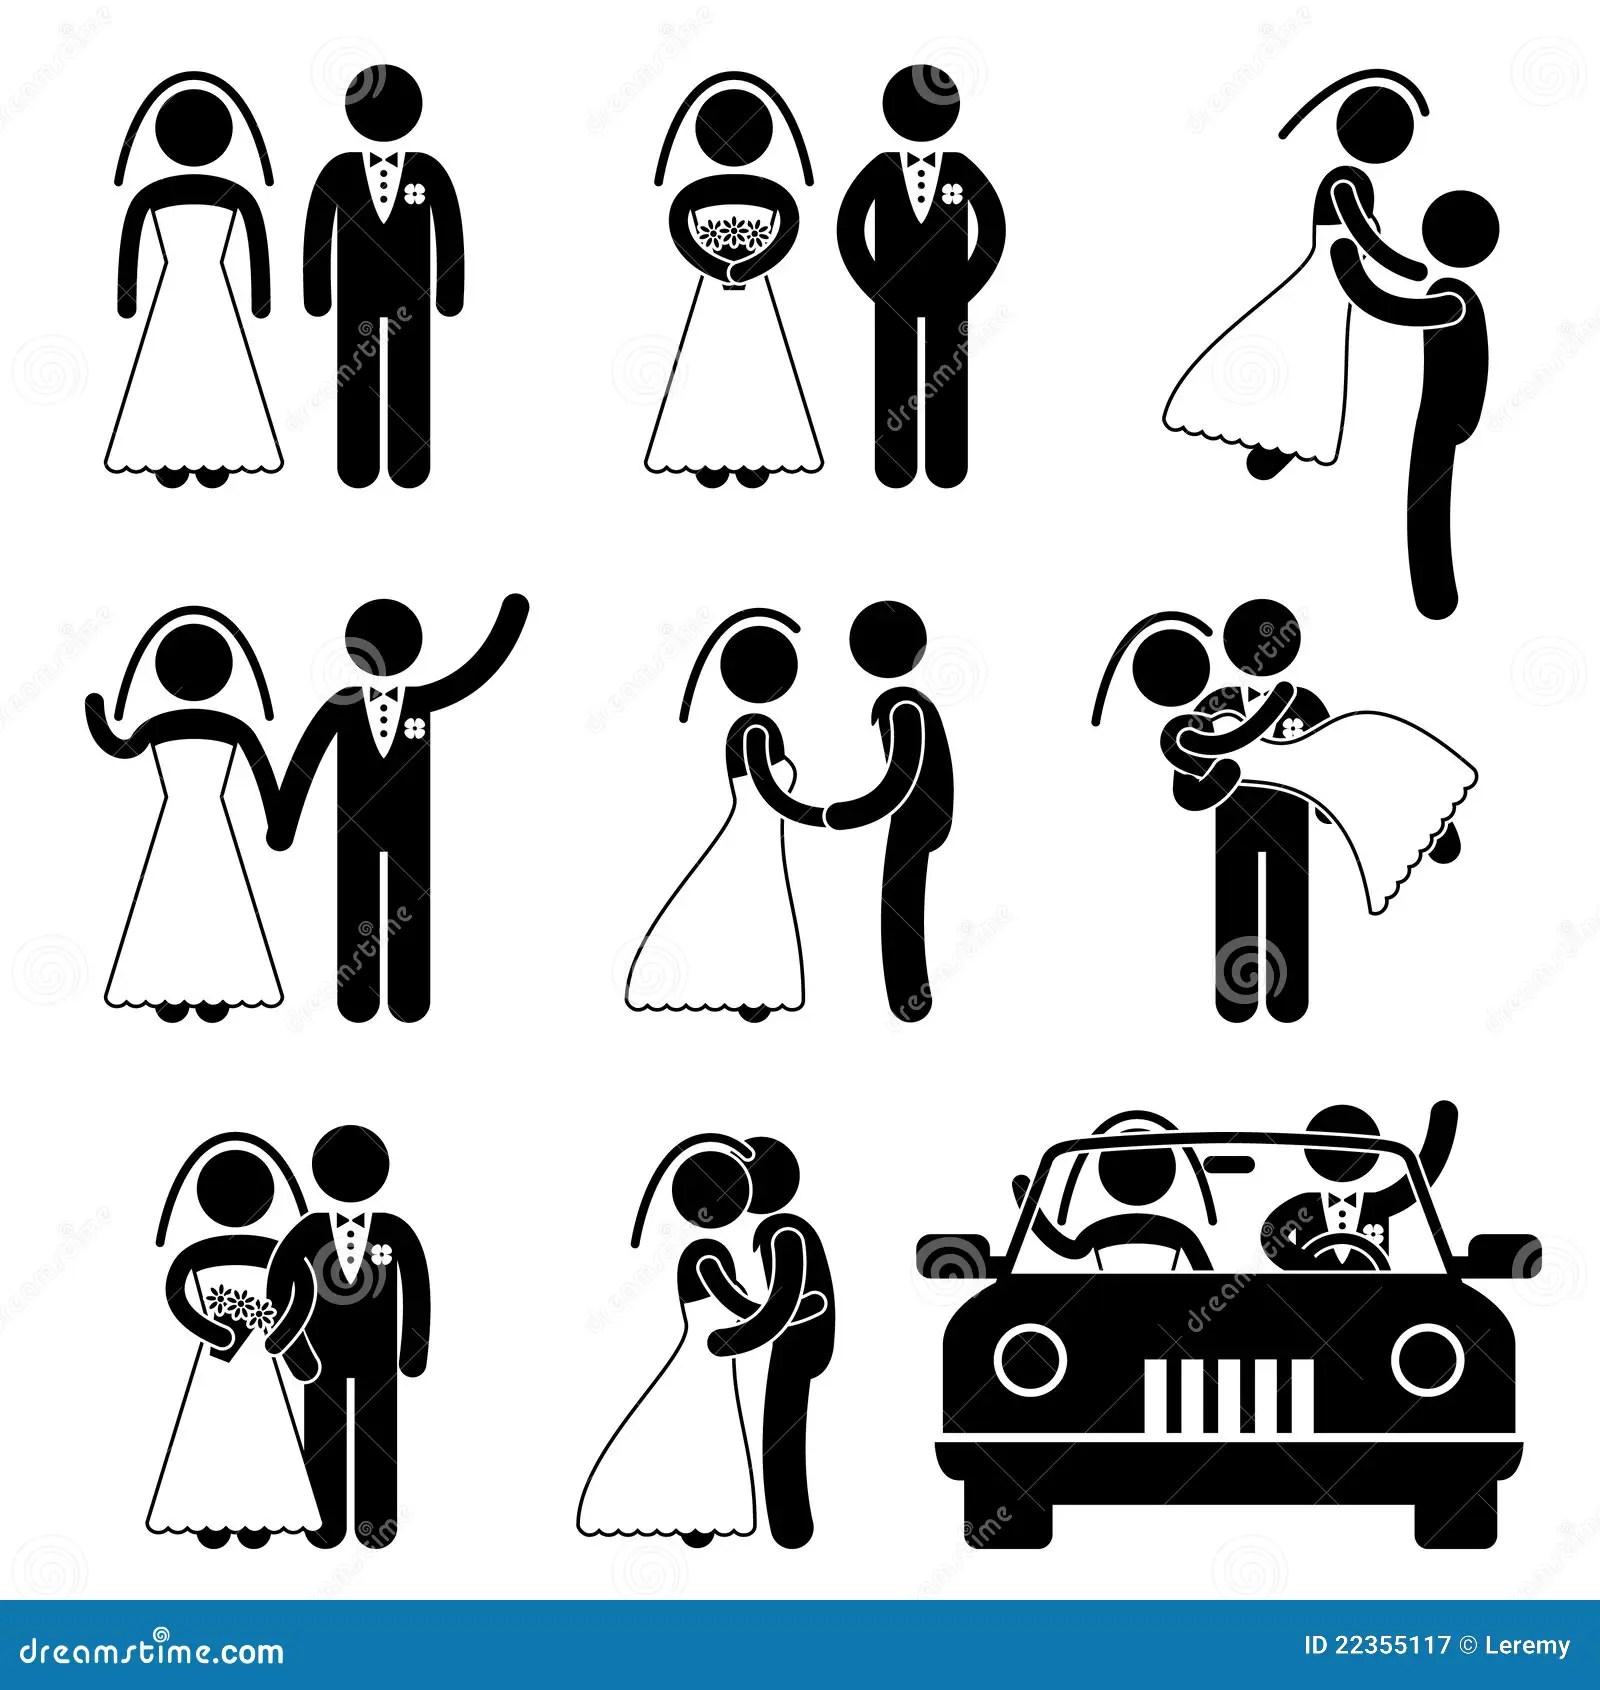 Wedding Bride Bridegroom Marriage Pictogram Royalty Free